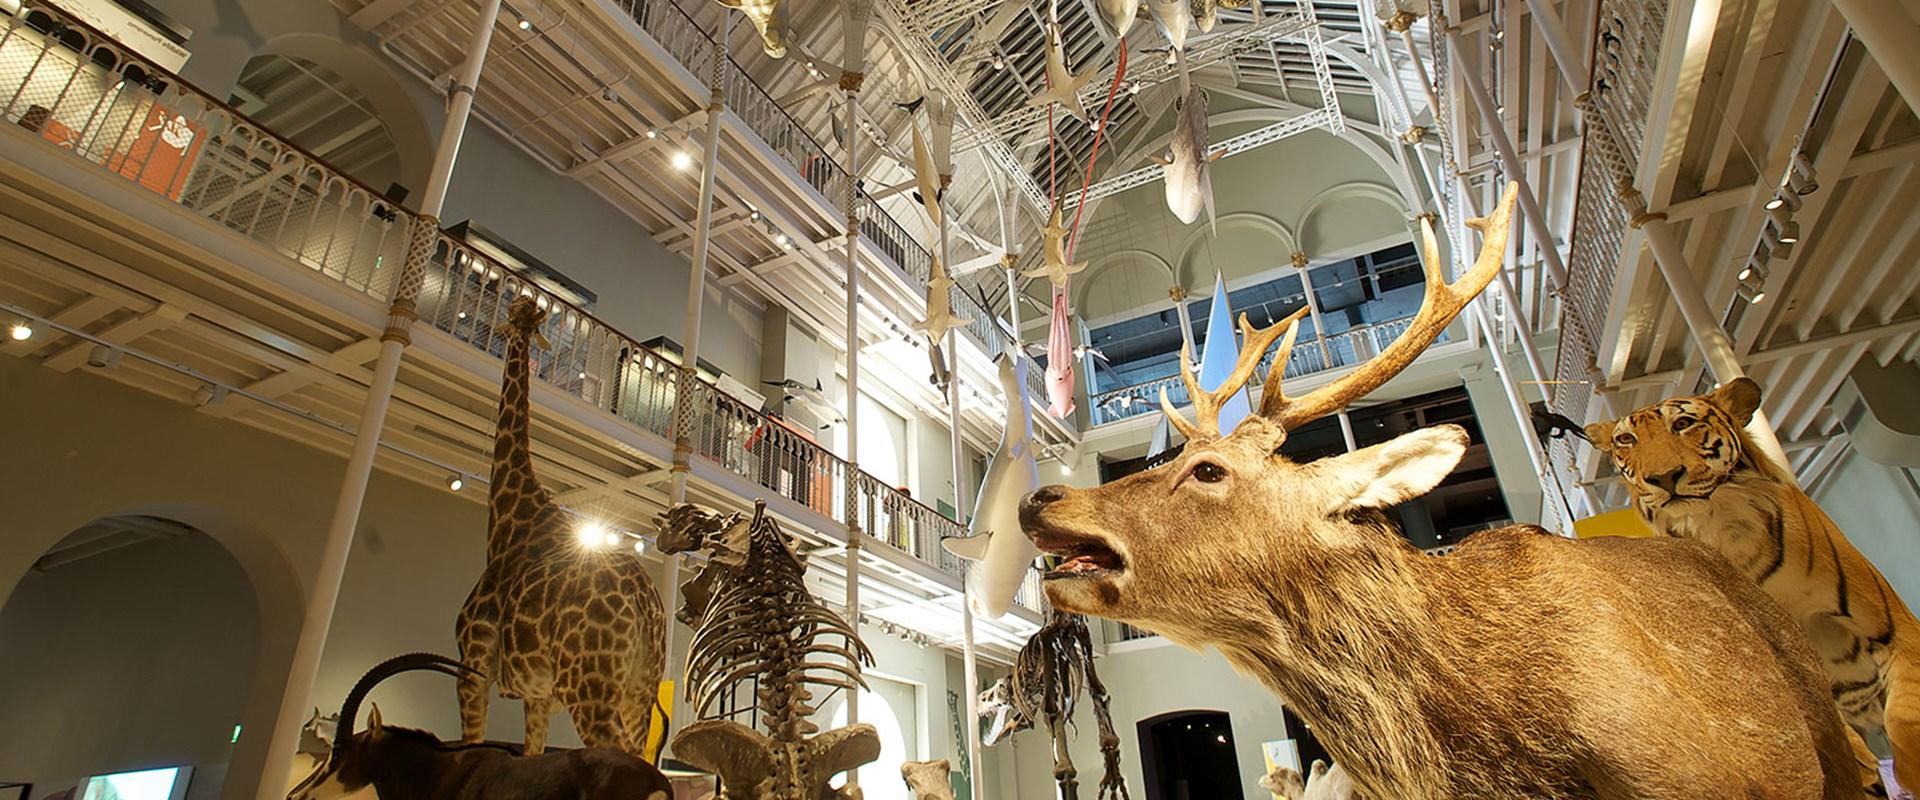 Edinburgh Museum Of Natural History